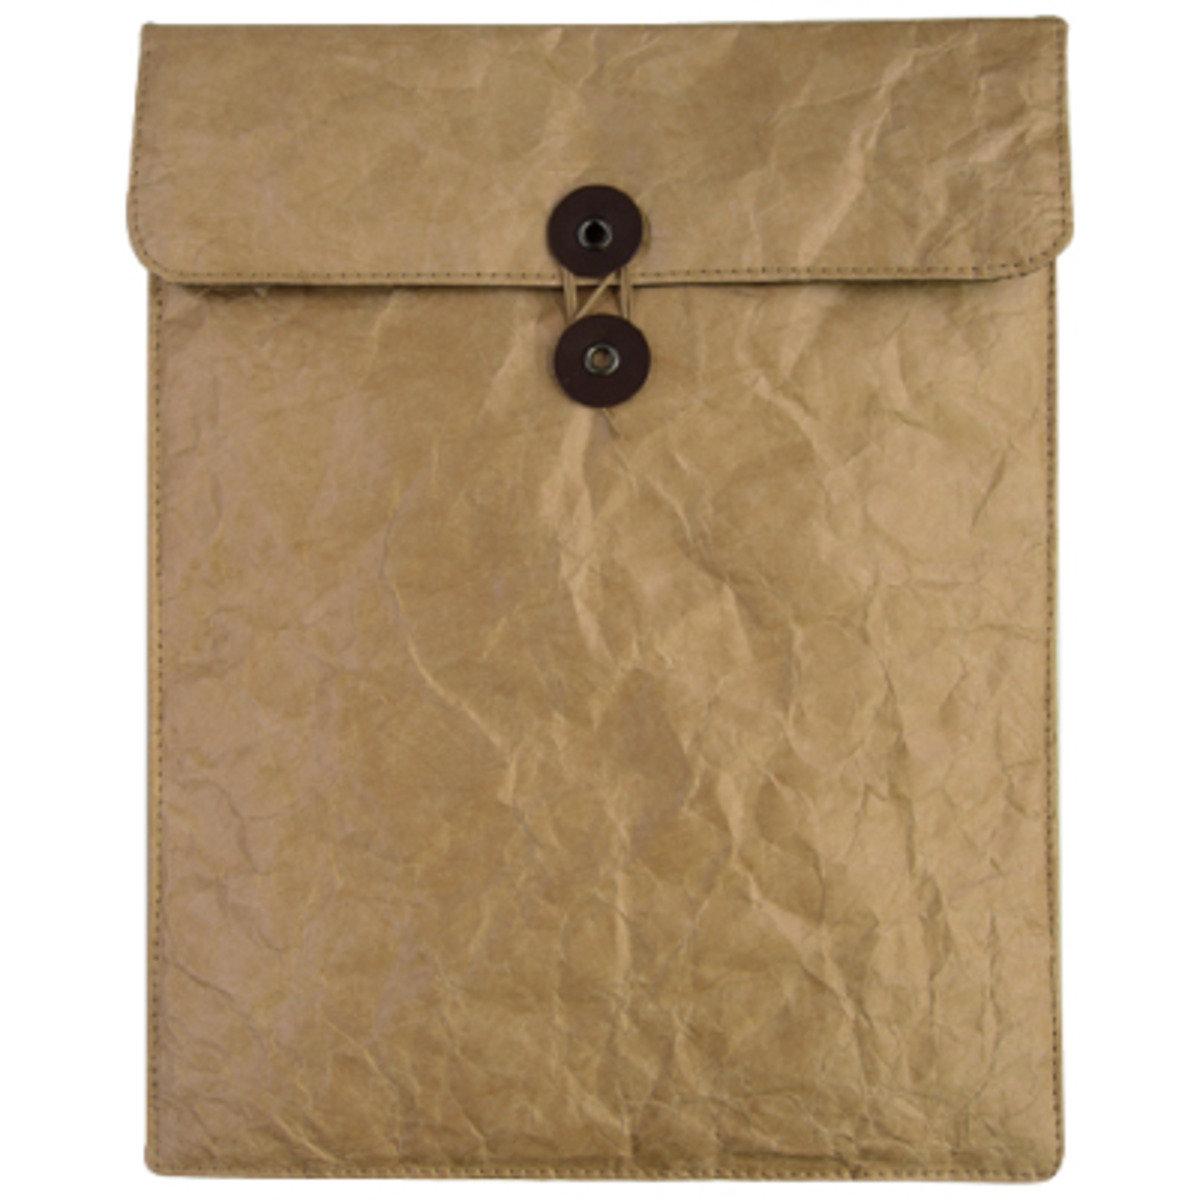 FLY BAG 平板電腦保護套 (L)